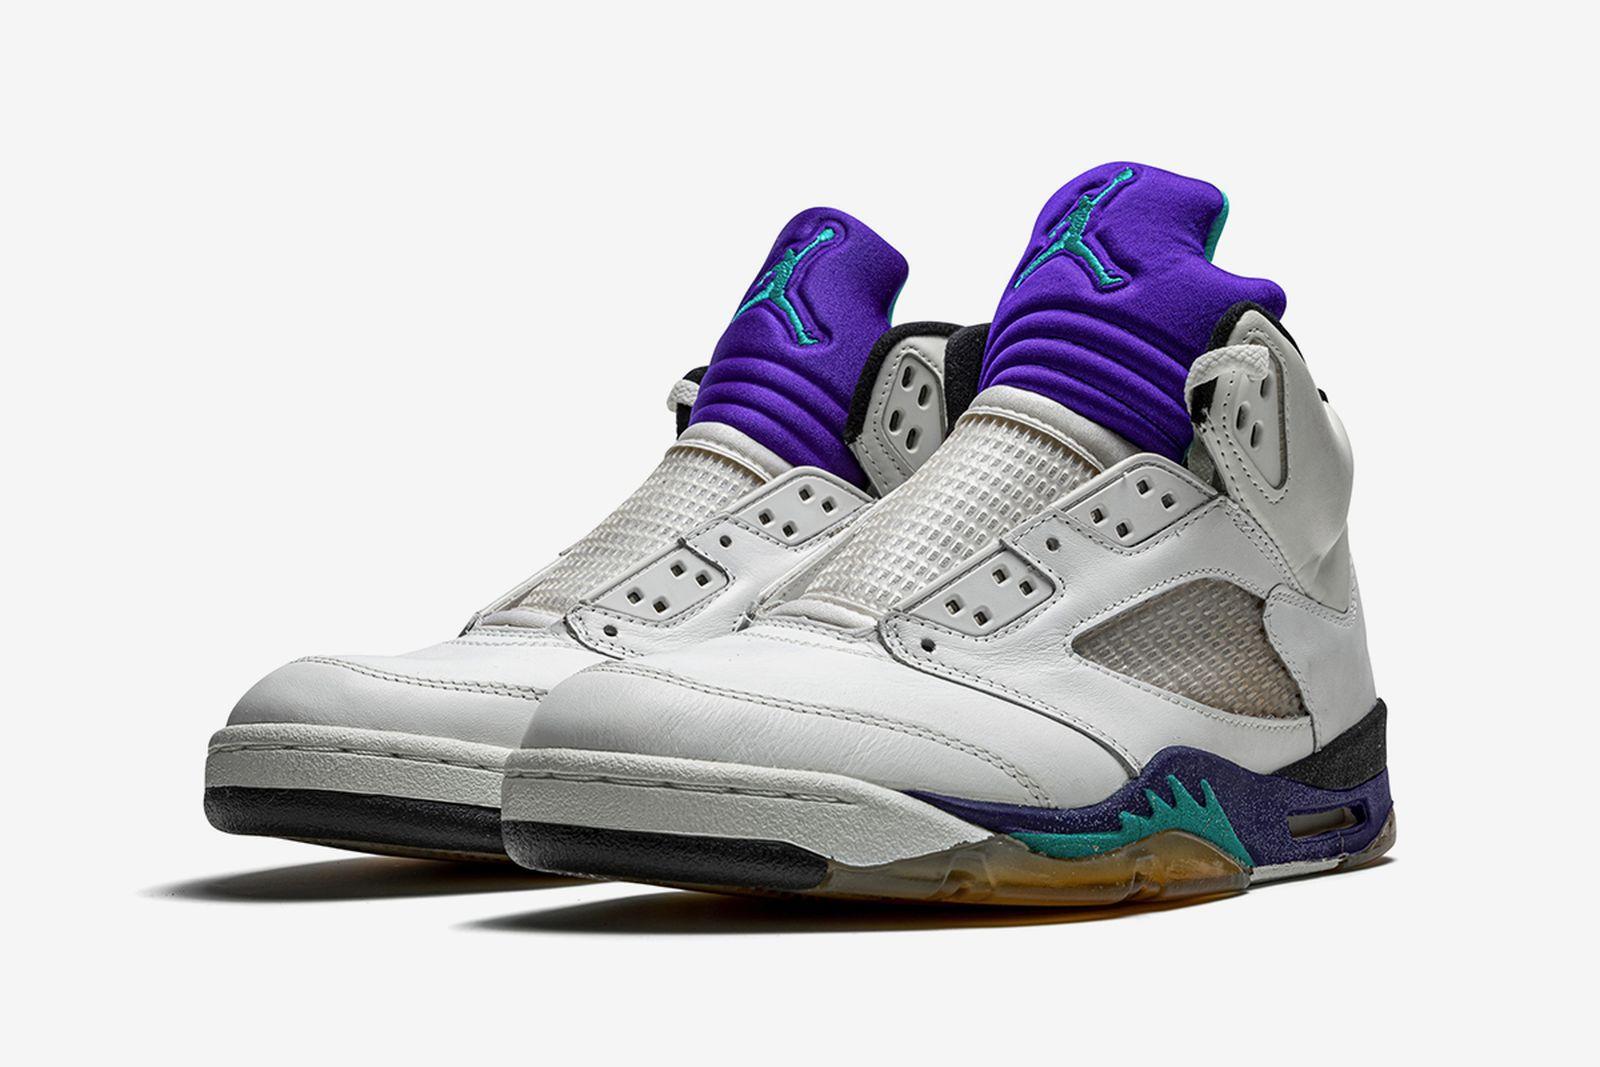 stadium-goods-christies-original-air-sneaker-auction-12